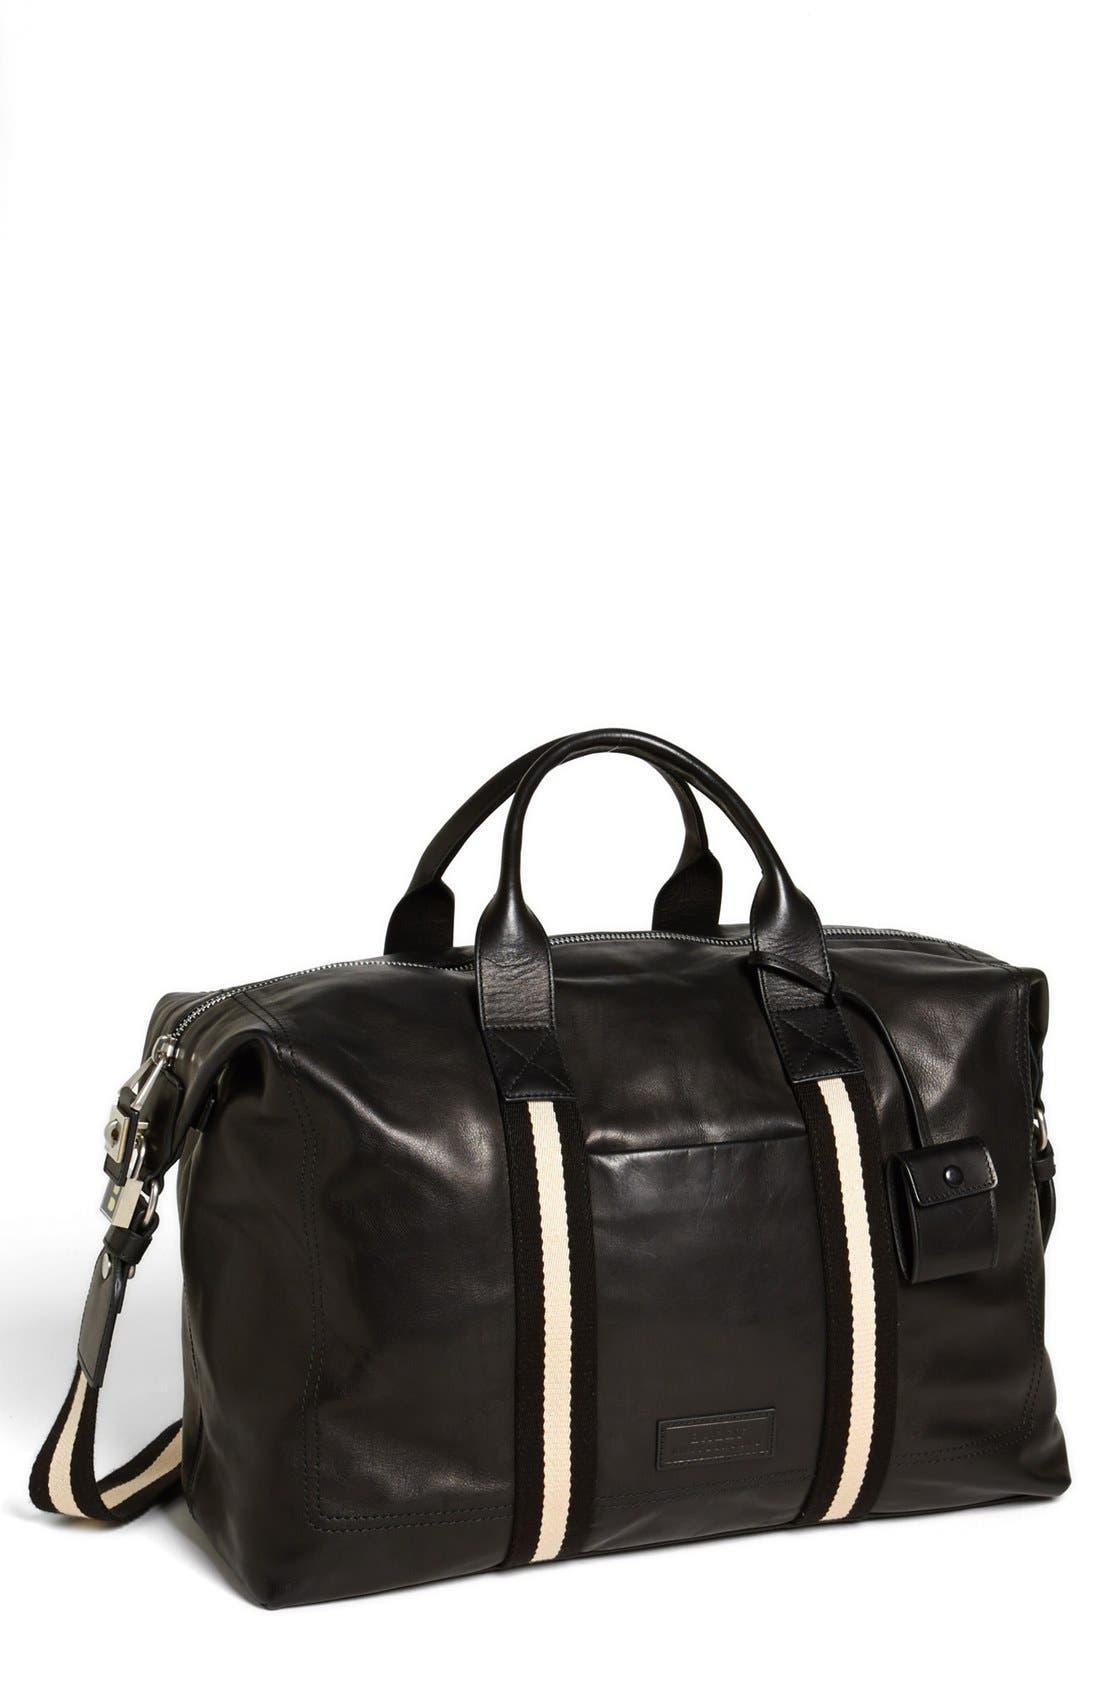 Alternate Image 1 Selected - Bally 'Terret' Duffel Bag